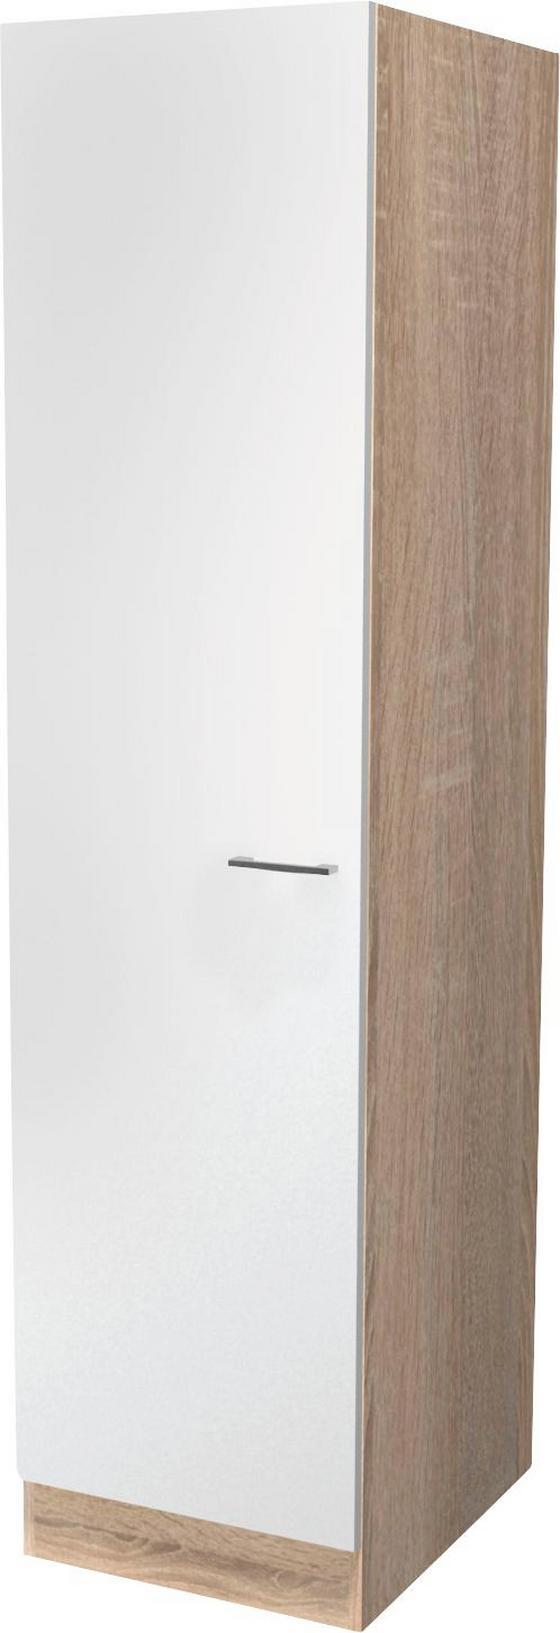 KAMRASZEKRÉNY SAMOA - tölgy színű/fehér, konvencionális, faanyagok (50/200/57cm)